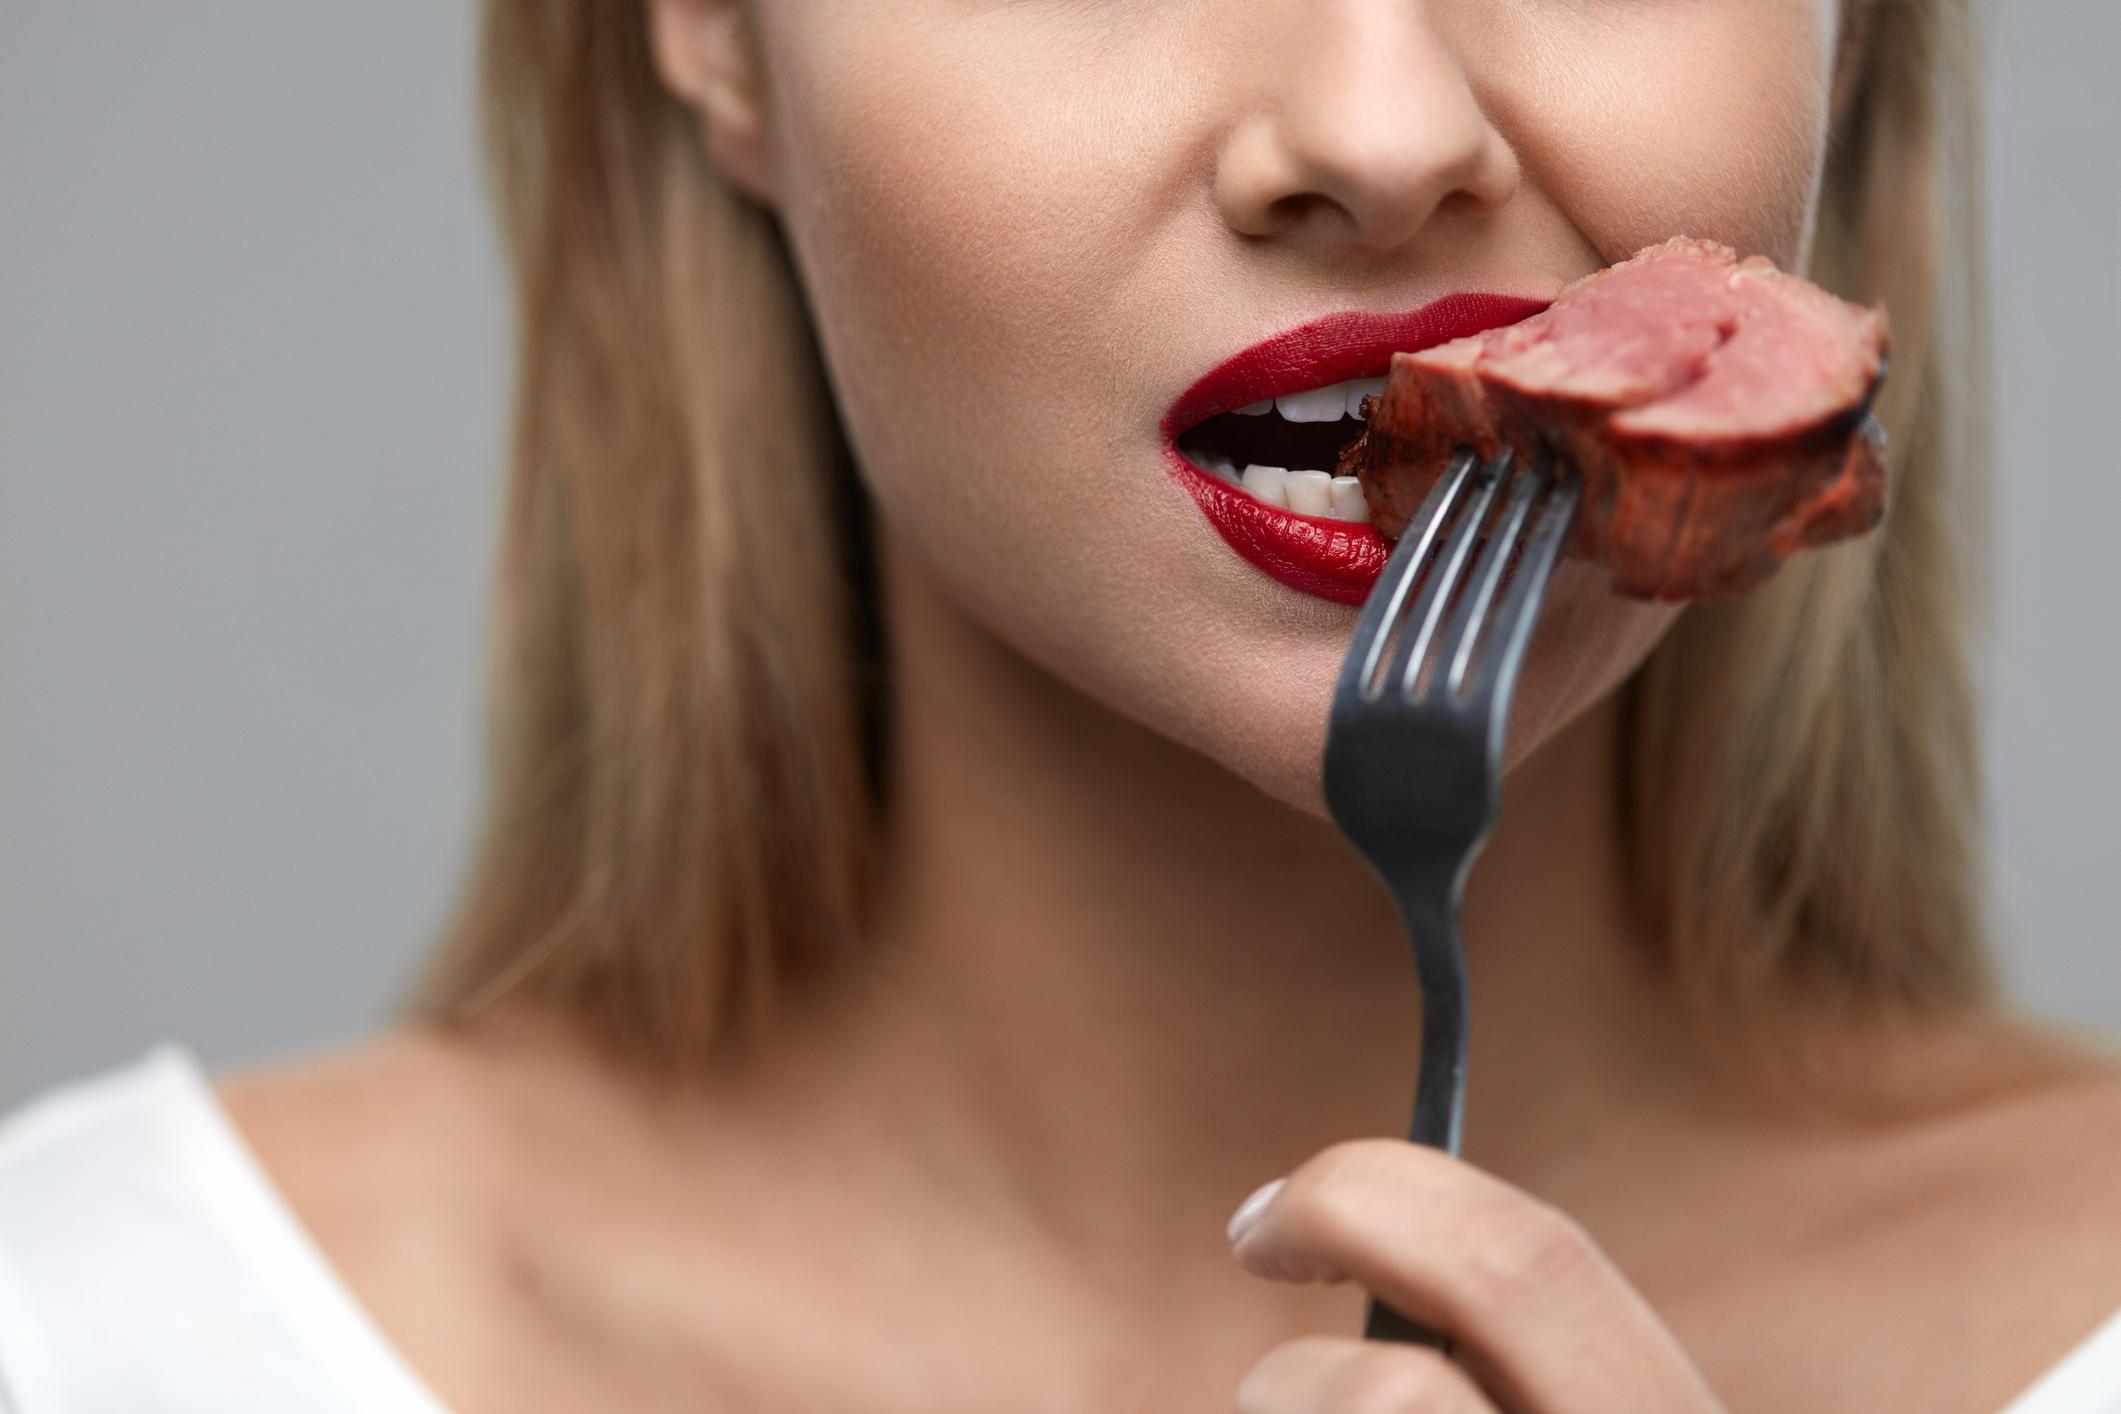 Pogledajmo što se zbiva u ljudskom tijelu kad jedemo crveno meso i kako se konzumacija crvenog mesa može uklopiti u cjelovitu zdravu prehranu.